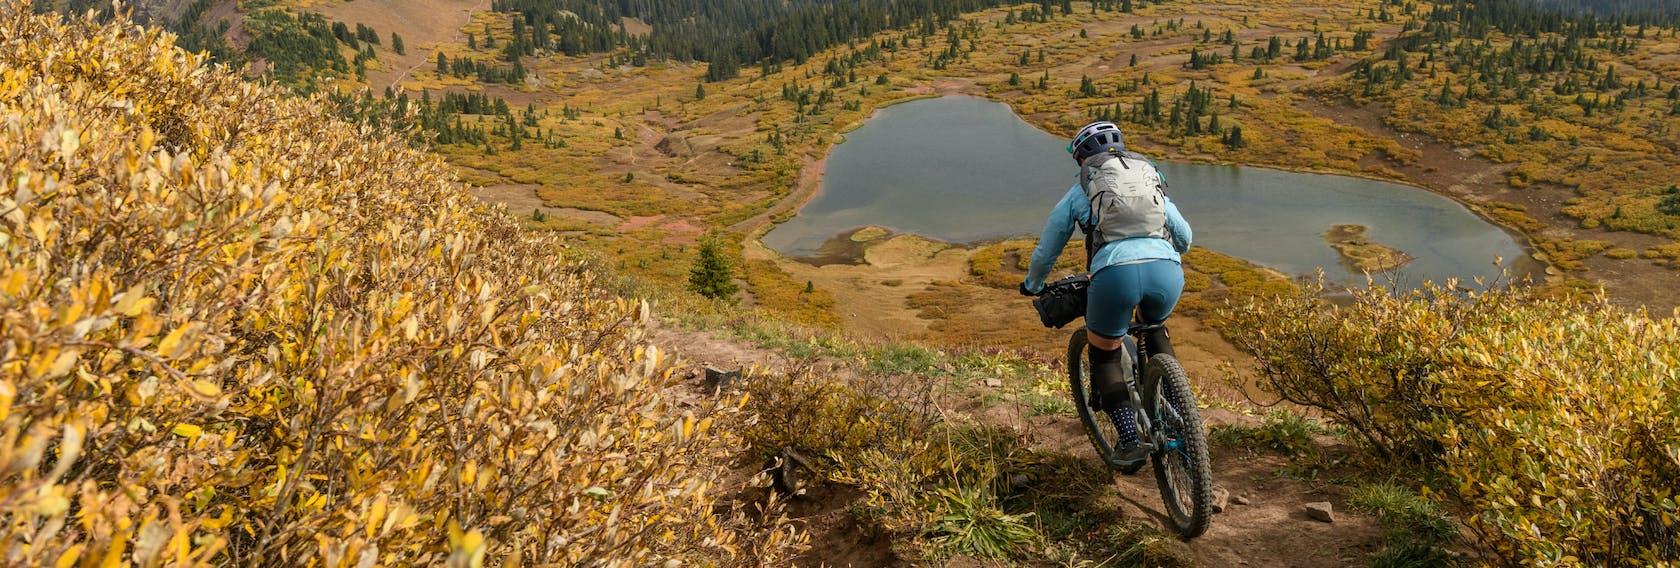 Osprey Rucksäcke zum Fahrradfahren und Moutainbiken